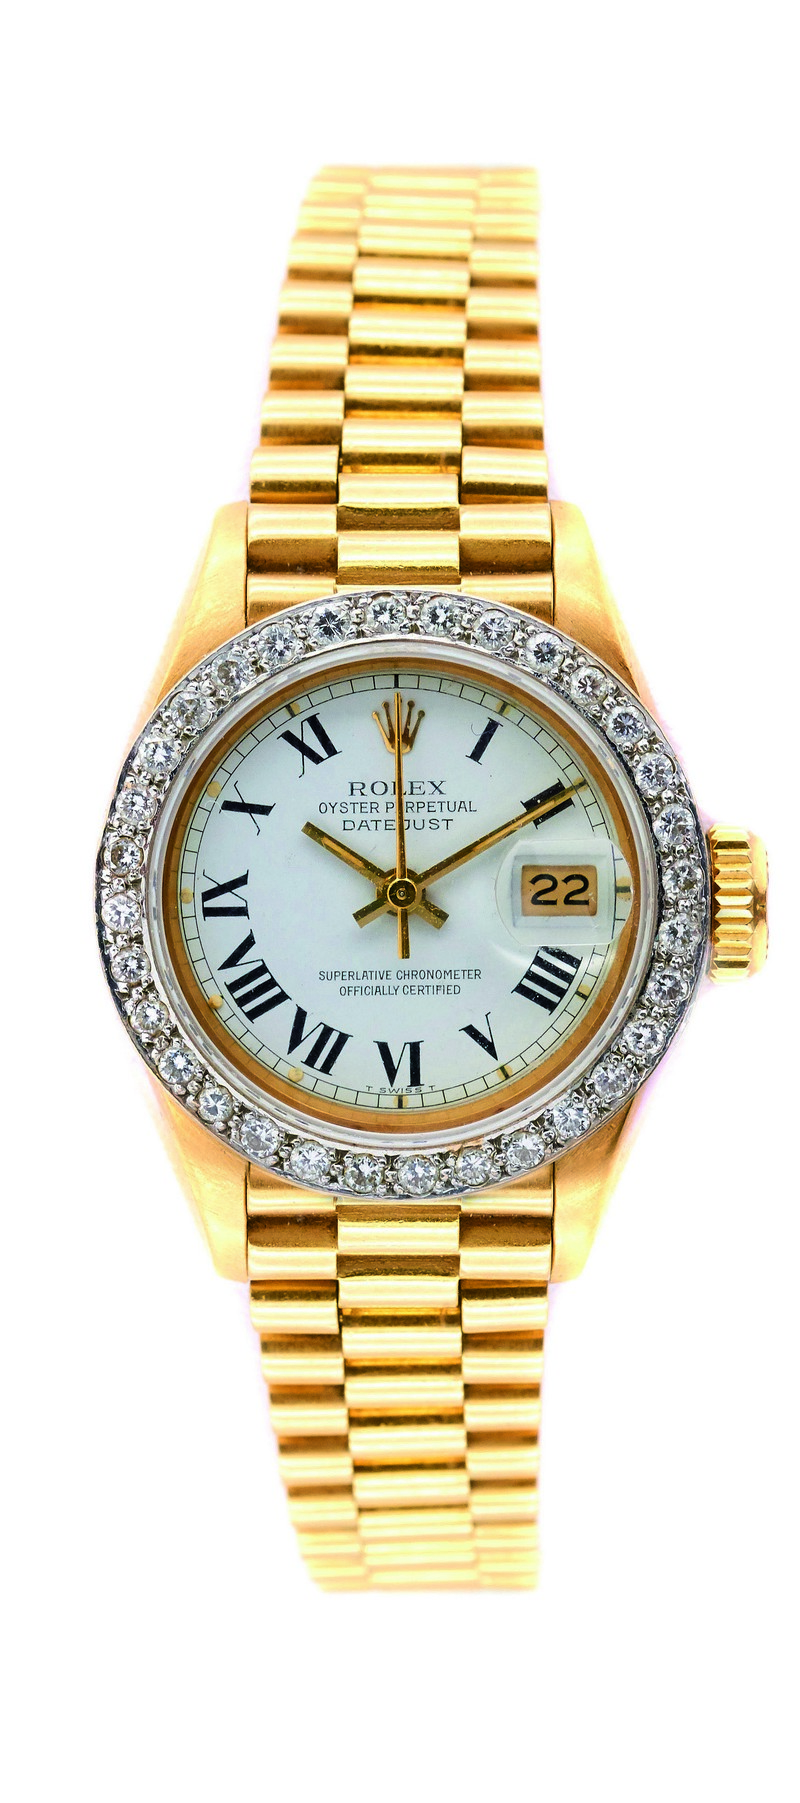 Reloj ROLEX Perpetual Date Just en oro y bisel con diamantes